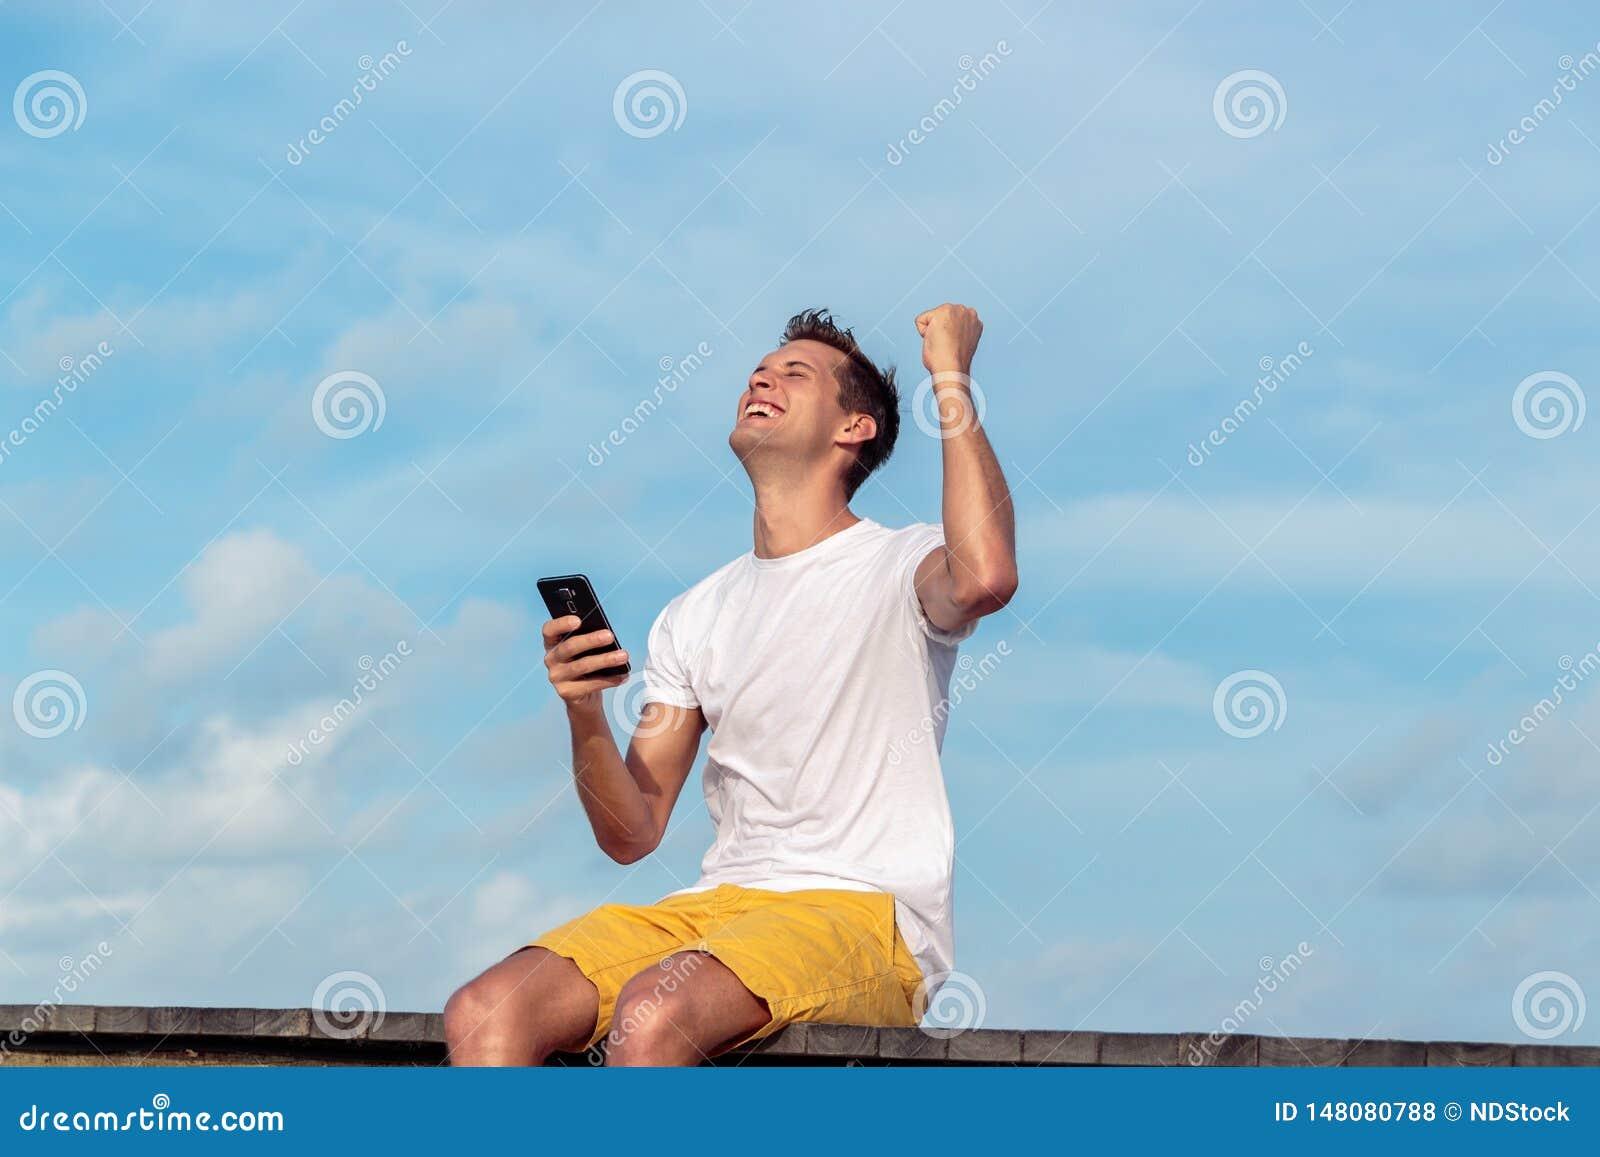 Συγκινημένο άτομο που κρατούν ένα smartphone και μια νίκη σε απευθείας σύνδεση σε έναν τροπικό προορισμό